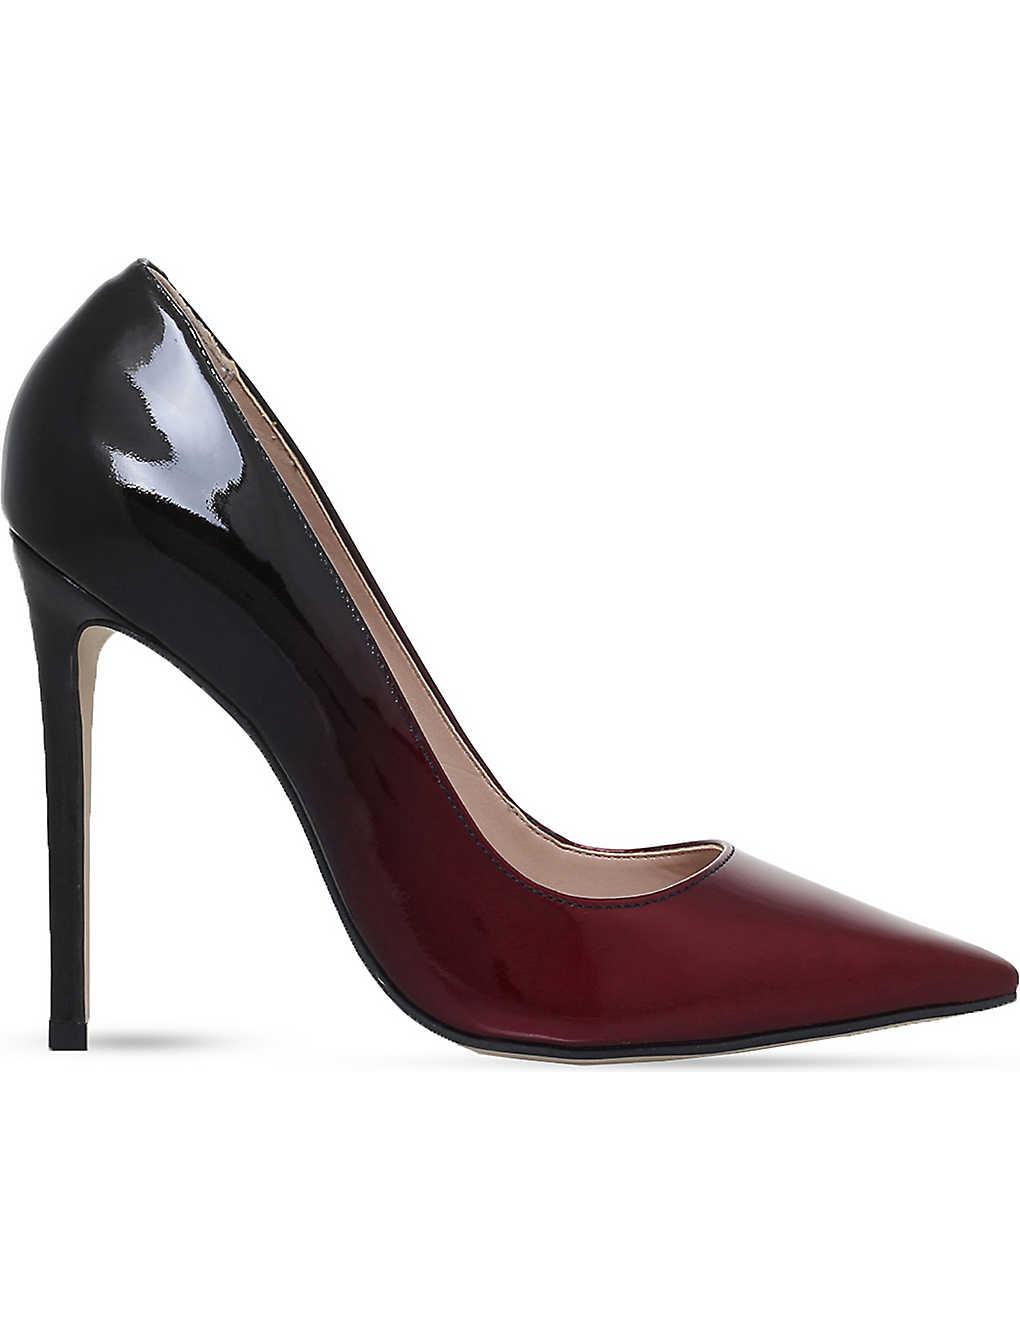 1d67123c1cdb CARVELA - Alice patent leather ombré courts | Selfridges.com